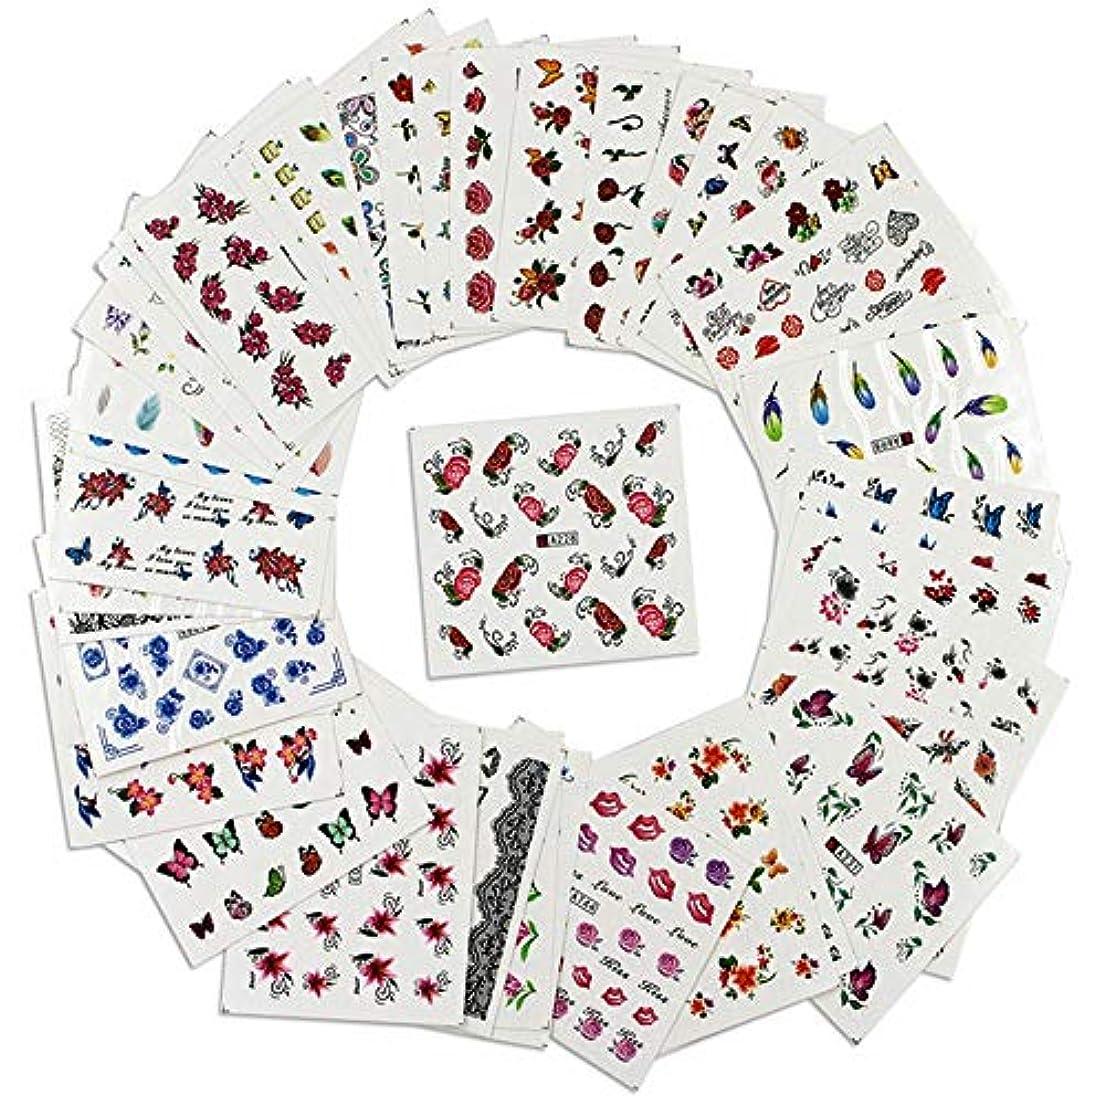 債権者石膏ステッチ50個の異なるスタイルパターンDIYネイルアートステッカー転写透かしネイルステッカー付きピンセット